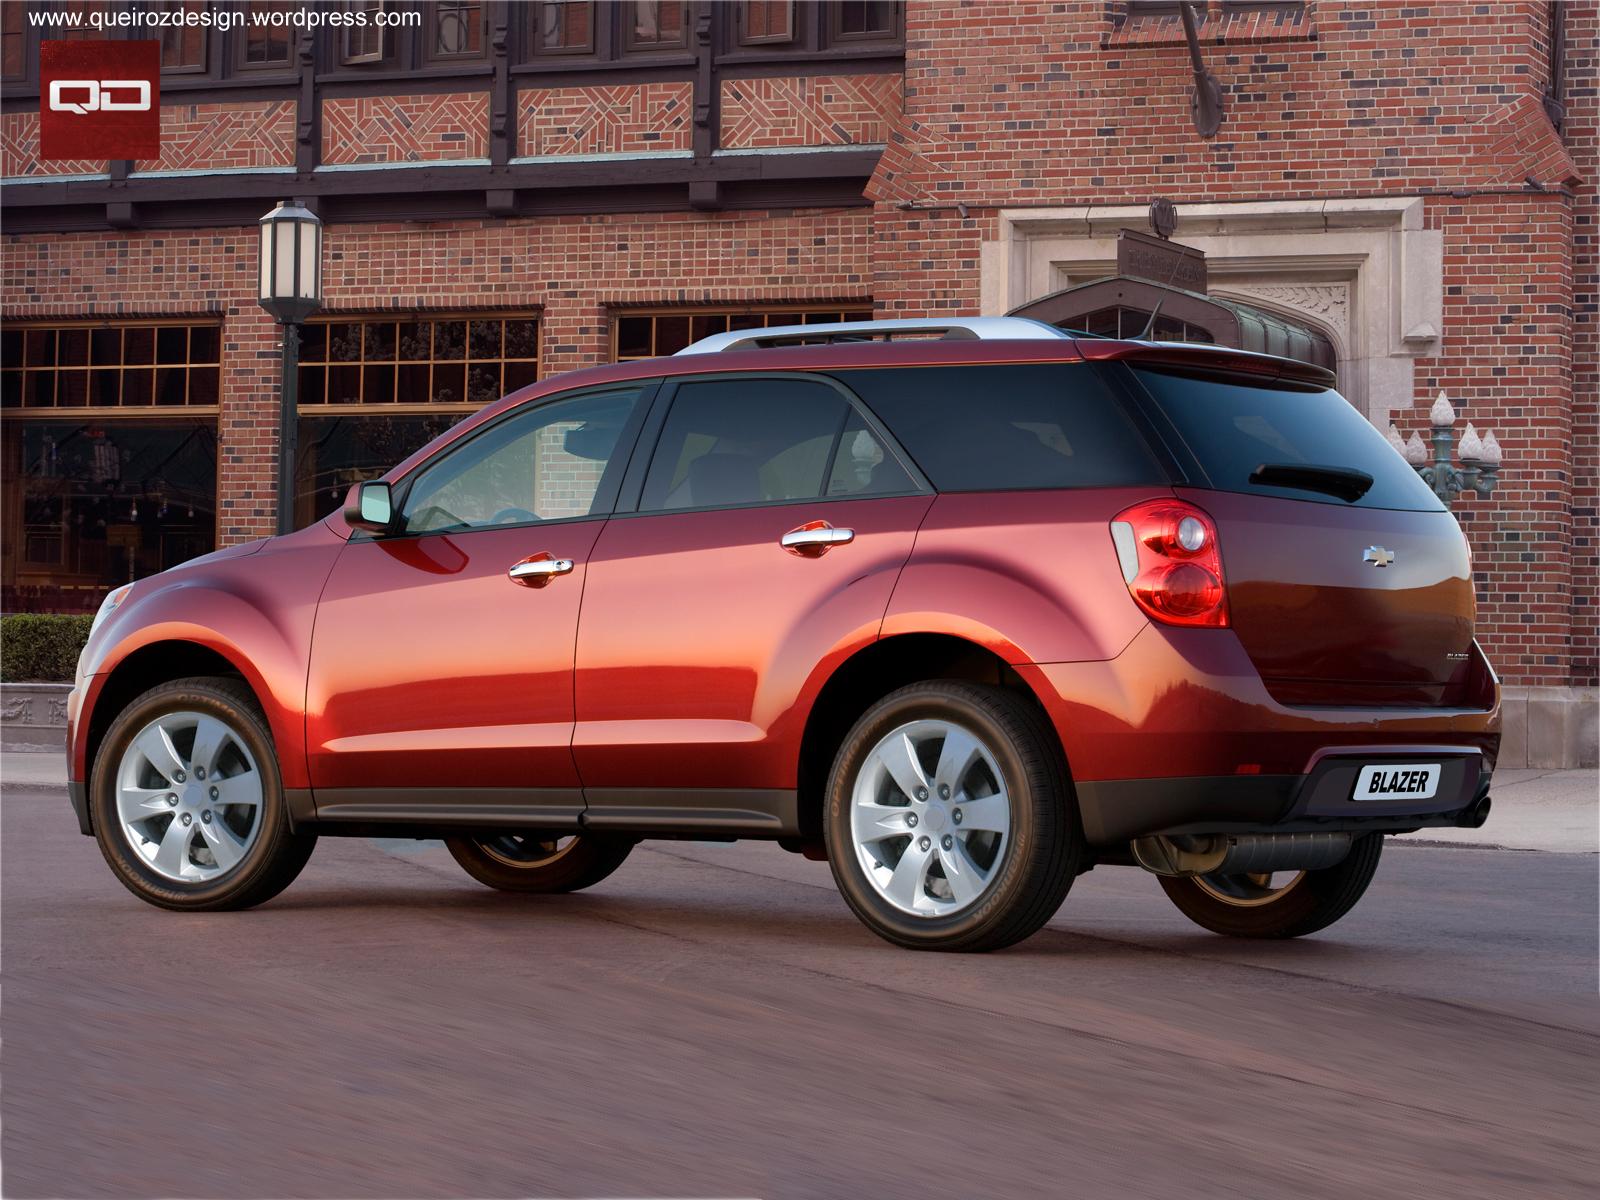 Nova Chevrolet Blazer - Clique na Imagem para Ampliar